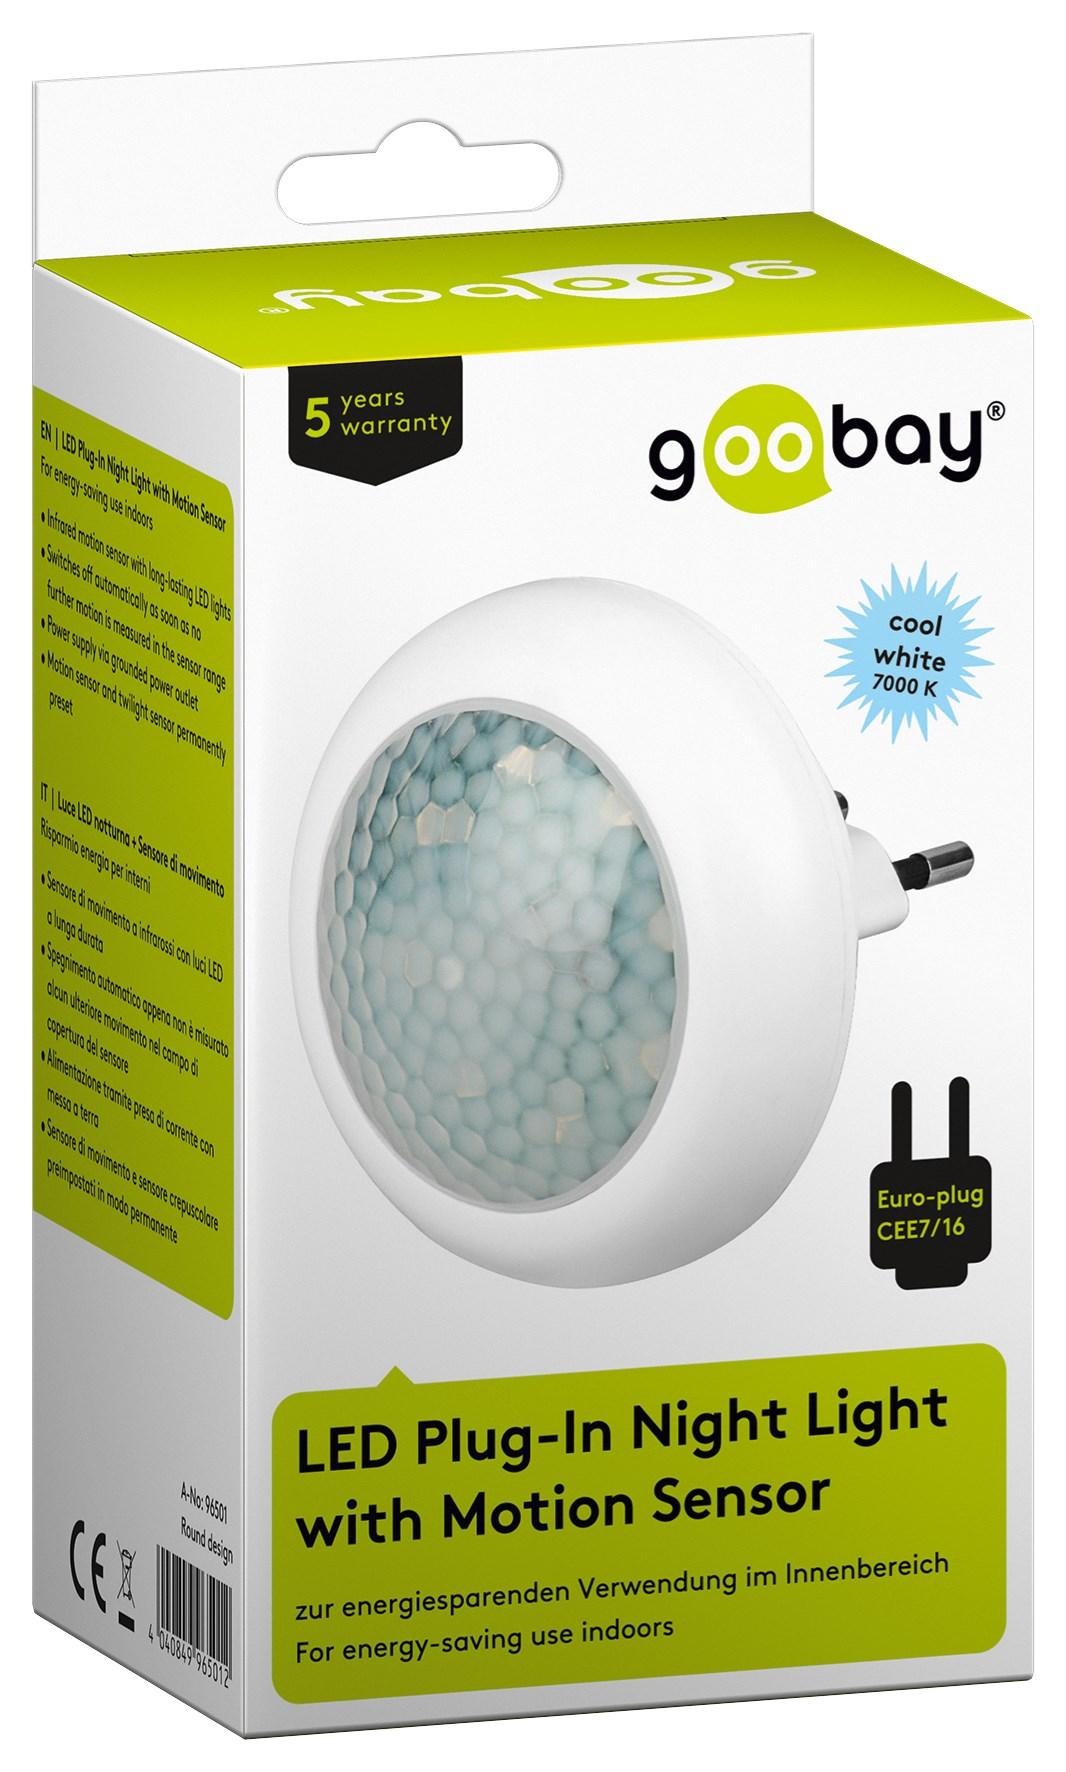 led nachtlicht mit infrarot bewegungsmelder f r steckdose nachtlicht nachtlampe ebay. Black Bedroom Furniture Sets. Home Design Ideas